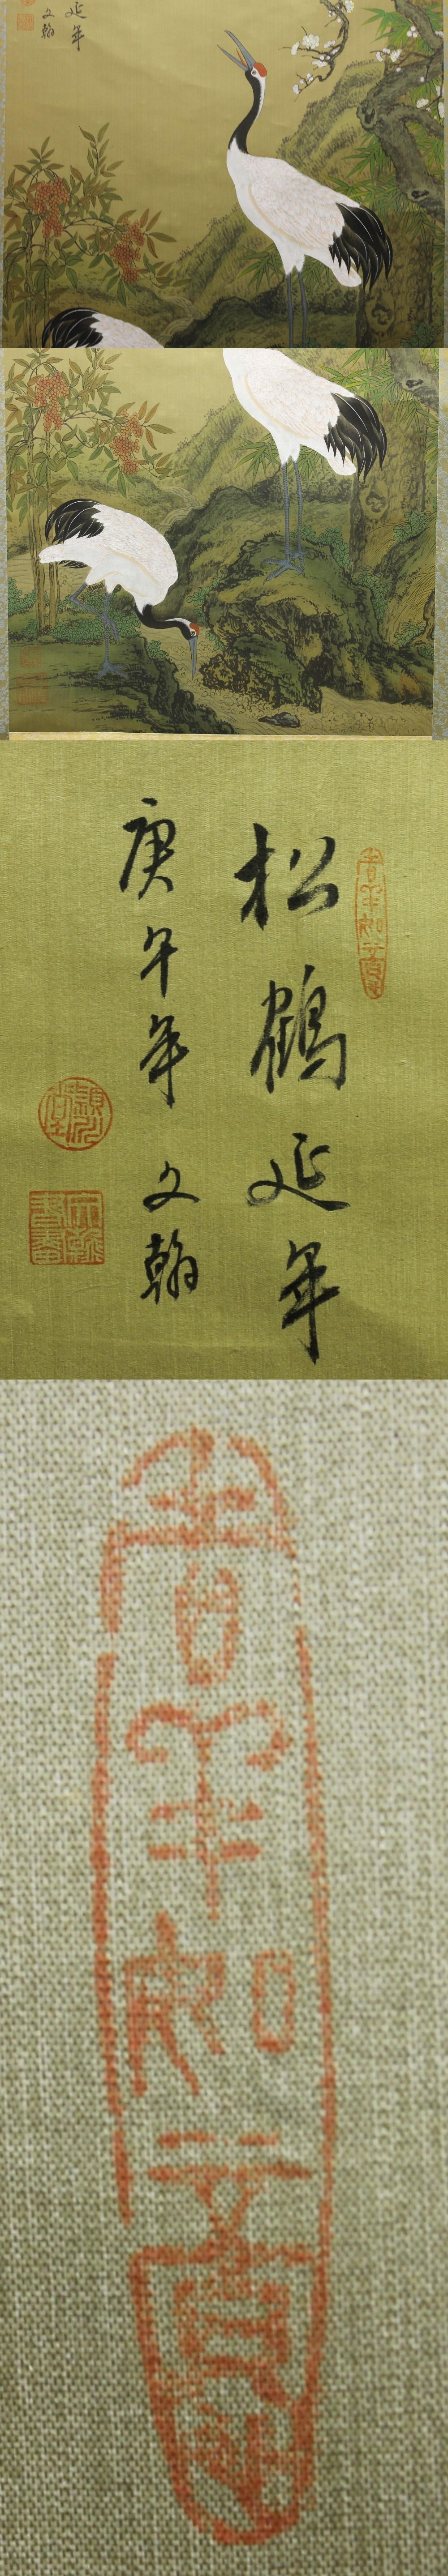 254掛け軸陳文翰3